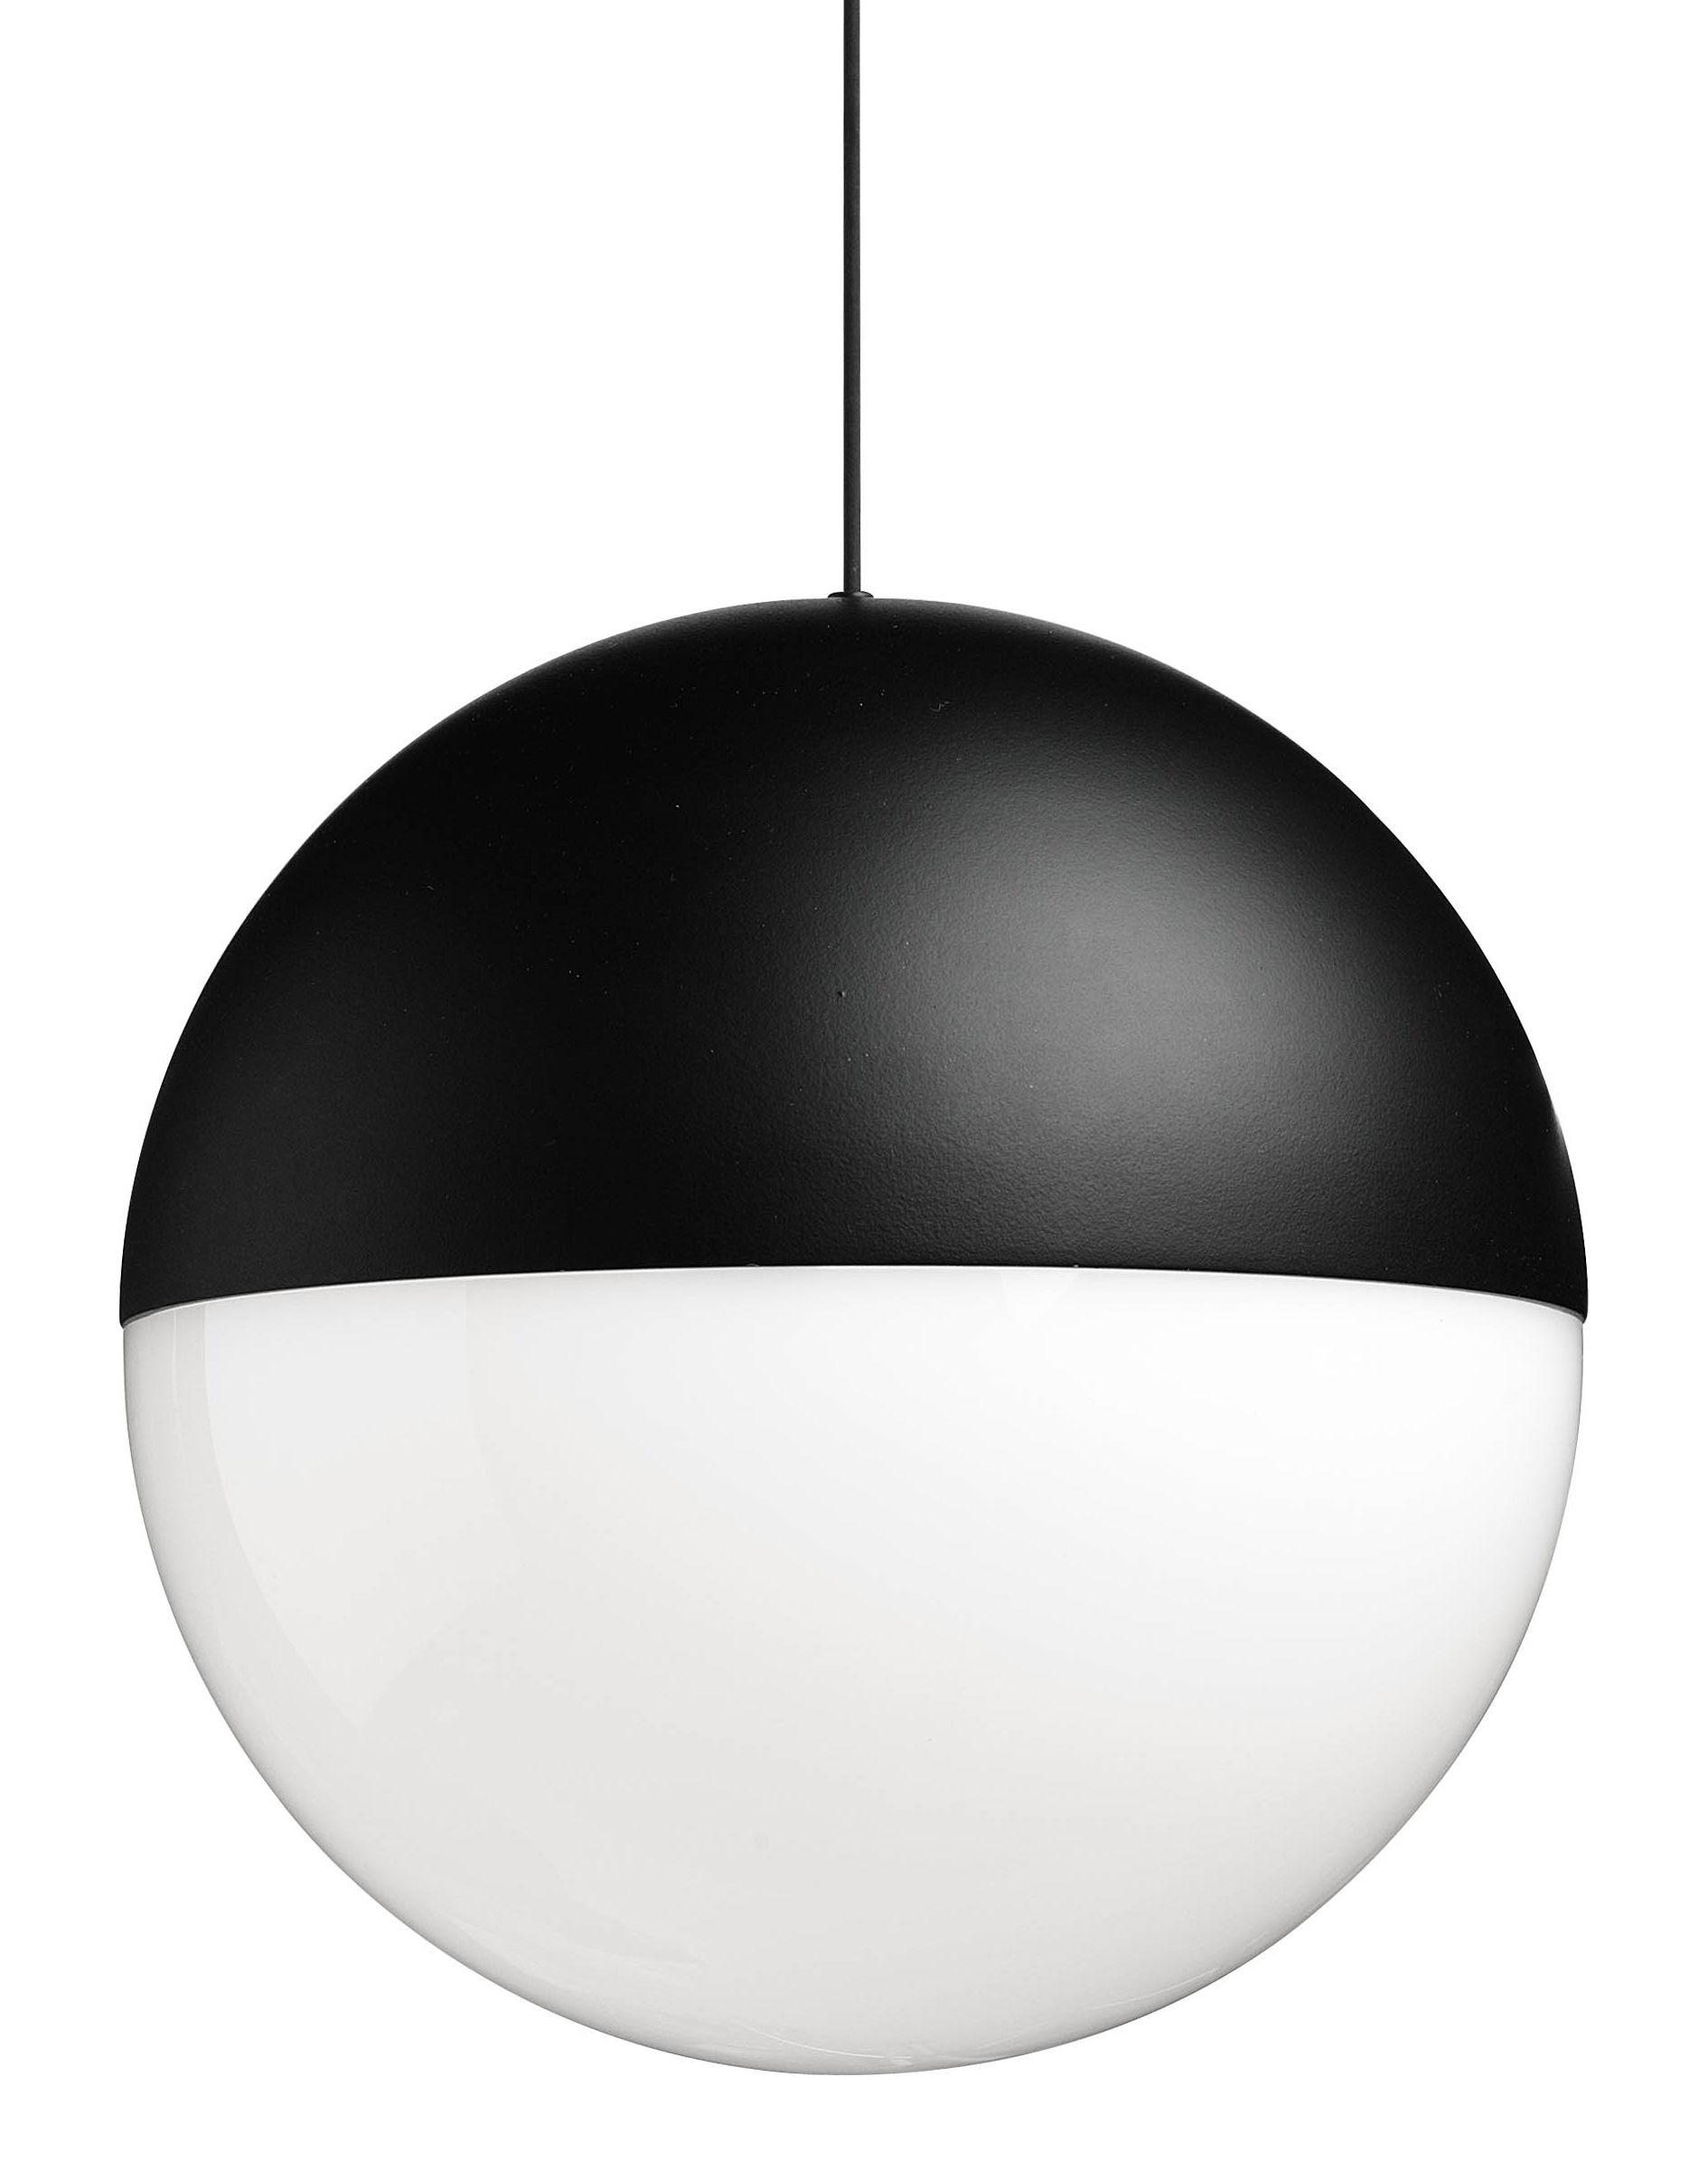 Luminaire - Suspensions - Suspension String Light Sphere LED / Câble 12 mètres - Sans module électrique - Flos - Sphère / Noir - Aluminium peint, Polycarbonate, Tissu